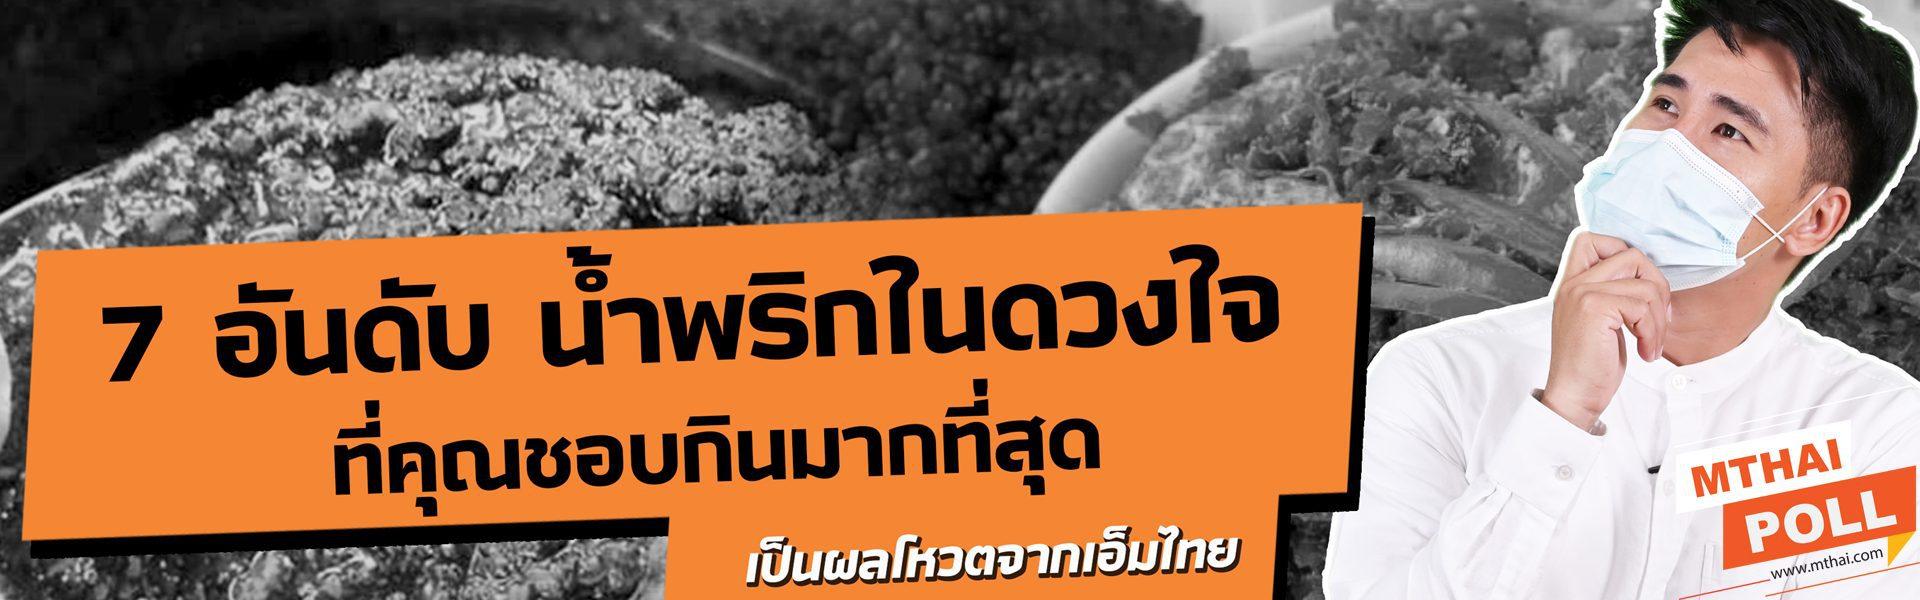 7 น้ำพริกในดวงใจที่คุณชอบมากที่สุด l Public Poll by MONO